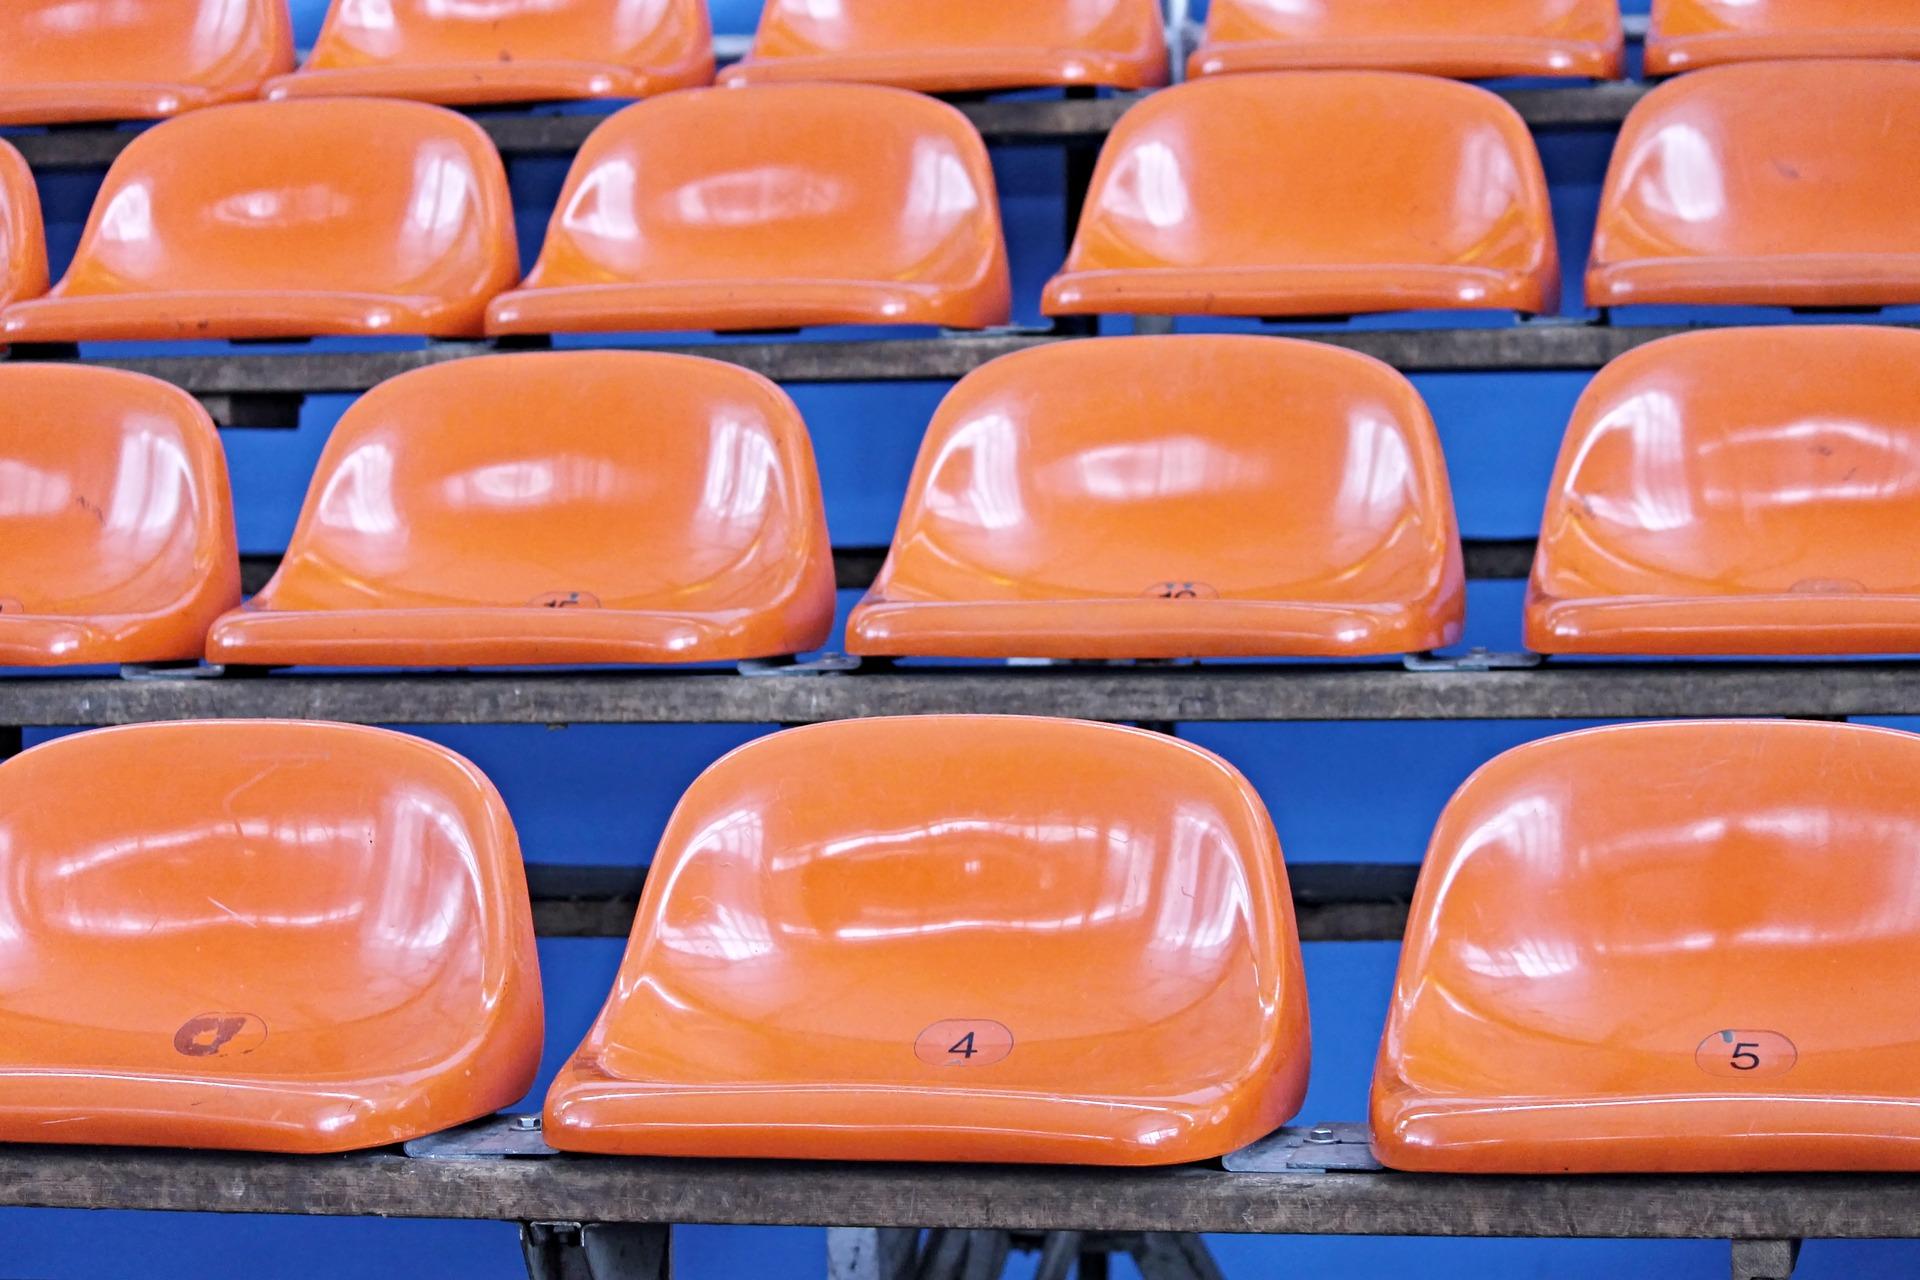 Infelizmente, torcedores terão de esperar um pouco mais para retornarem aos estádios.